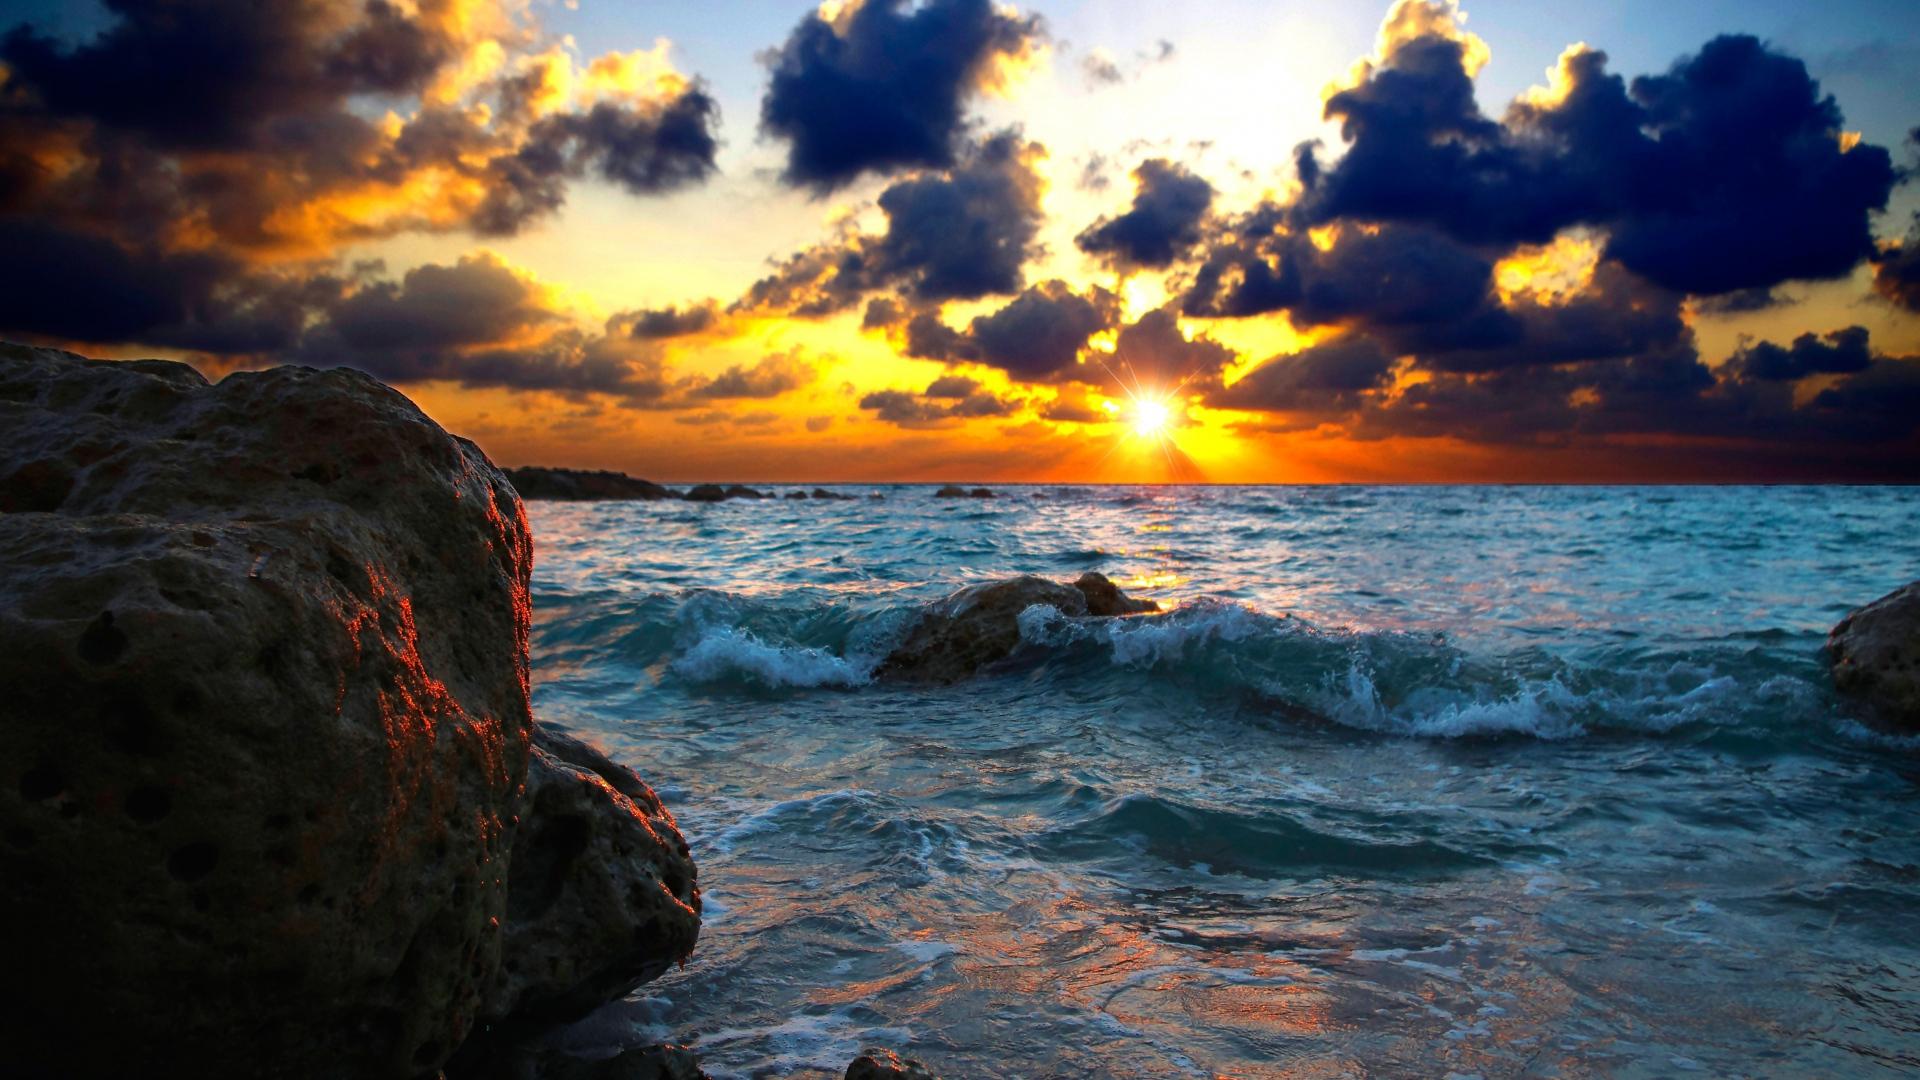 تصور کن که دریا ...